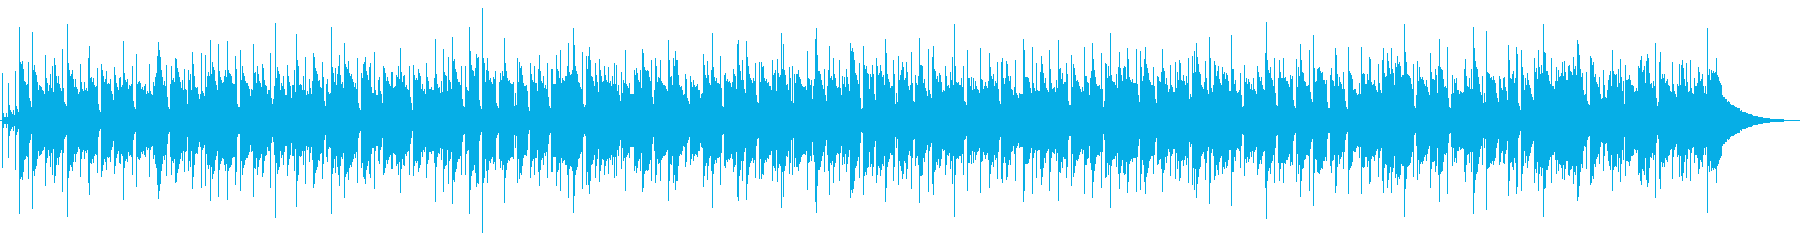 夏向けアコースティックマイナーバラードの再生済みの波形